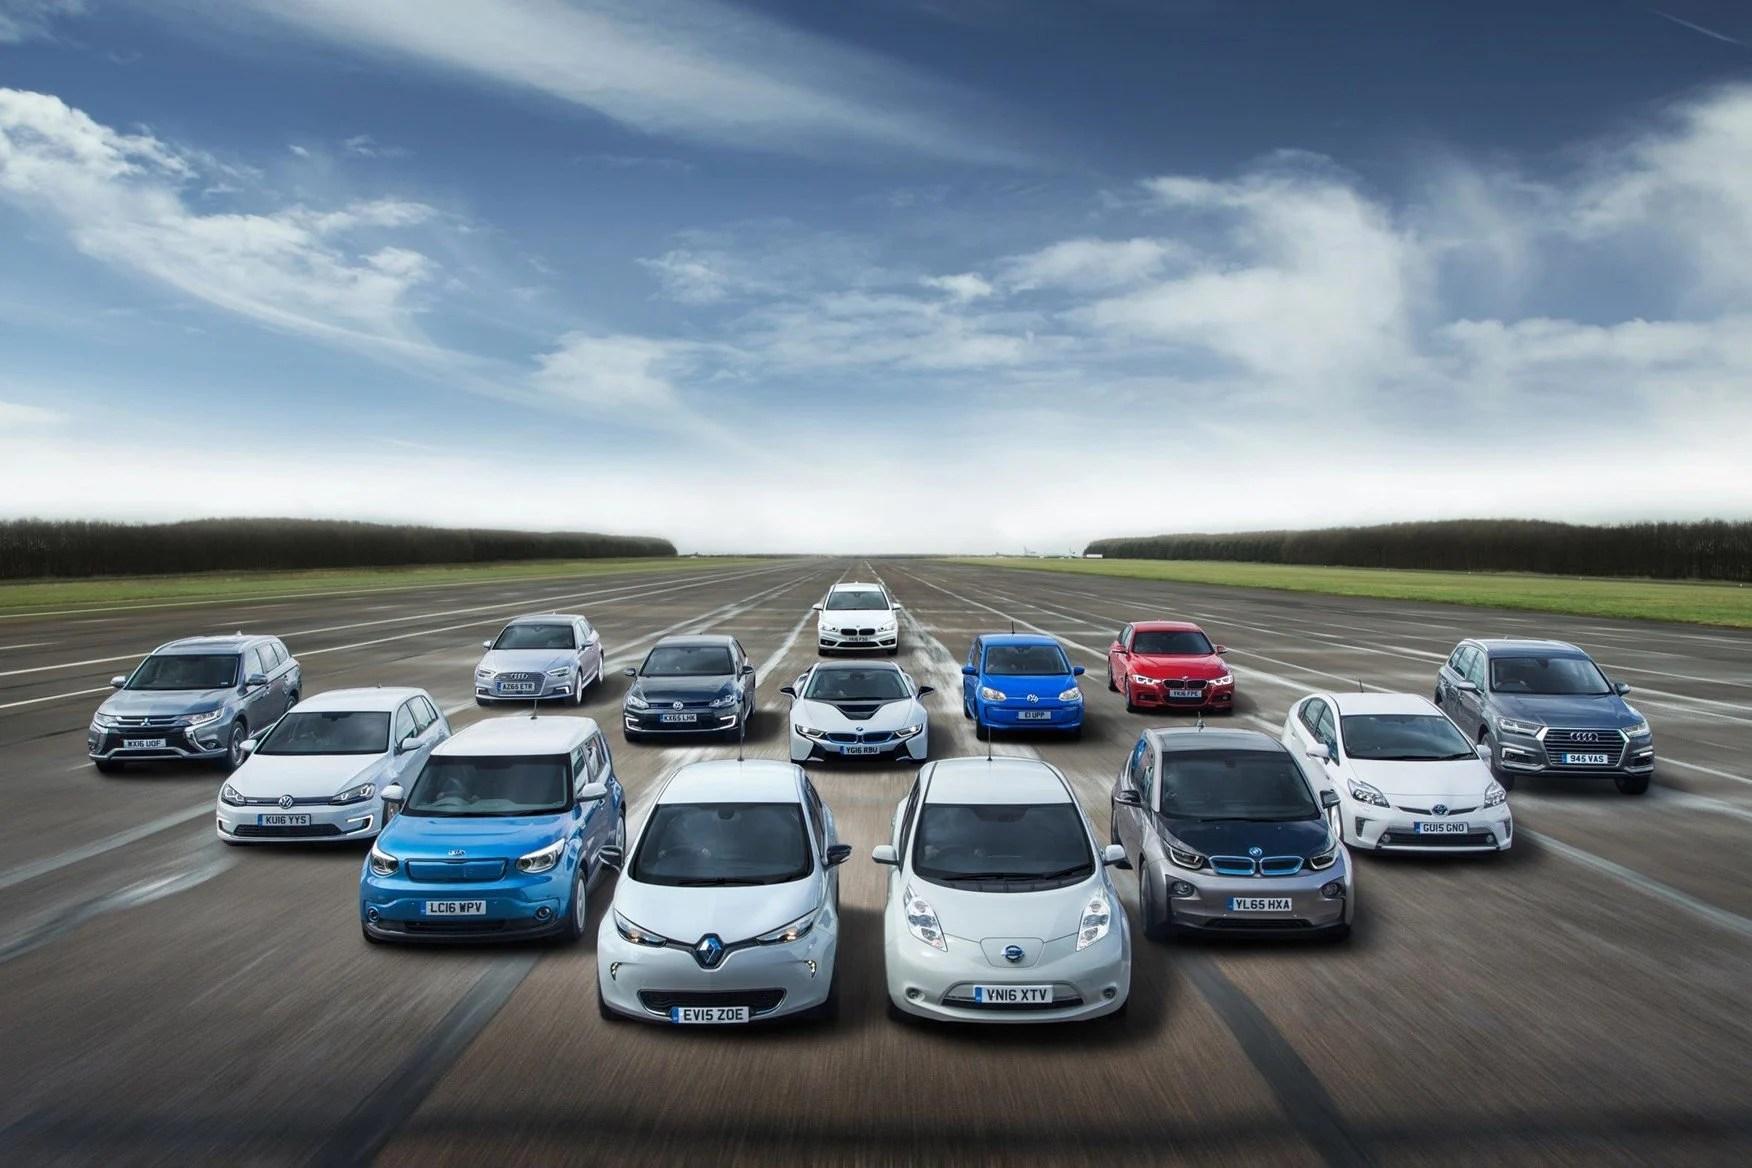 Pour vous, l'autonomie et les prix sont les principaux freins à l'achat d'une voiture électrique